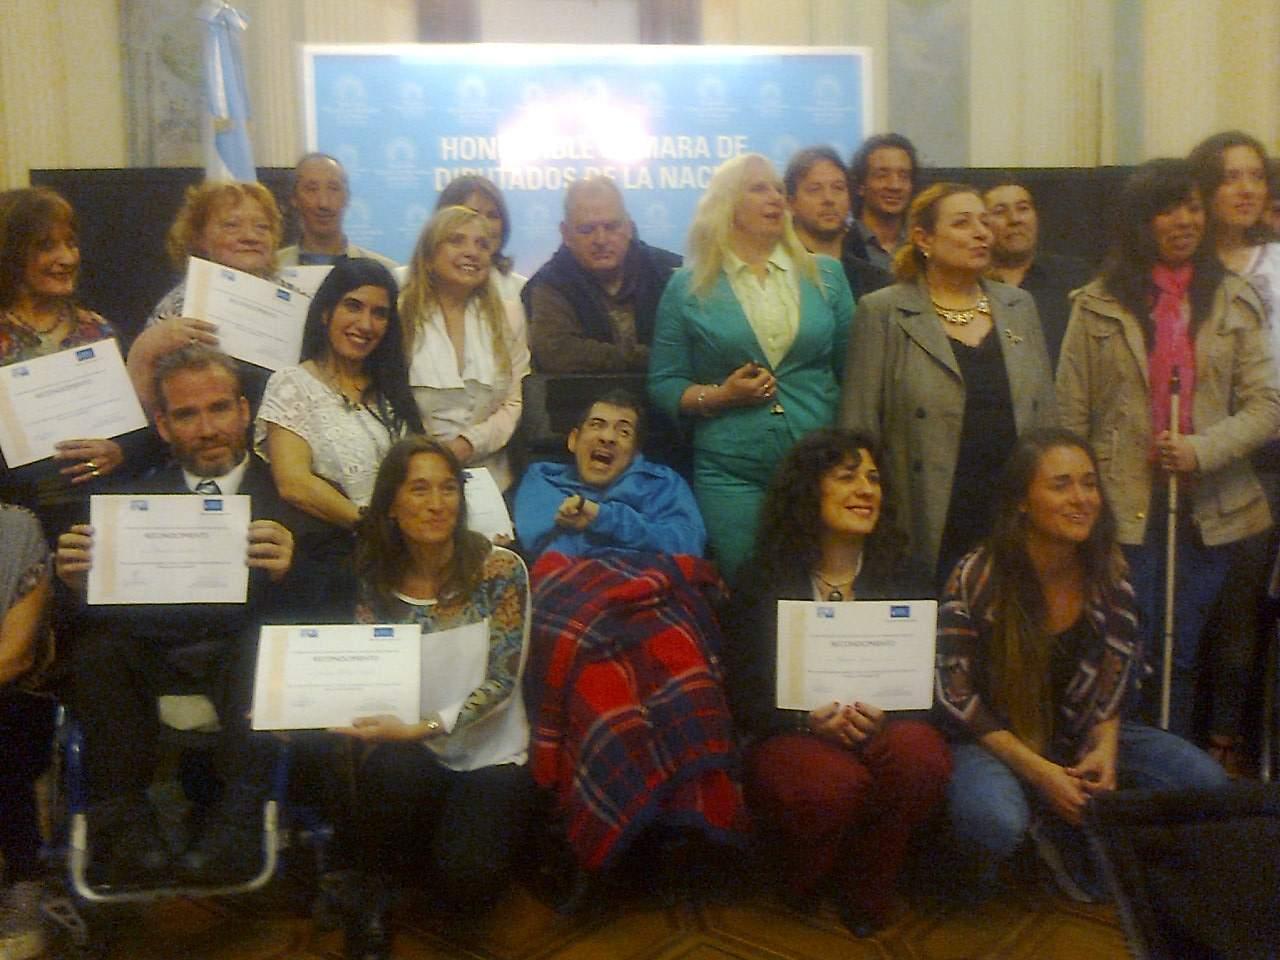 Reconocimiento a medios dedicados a temas de inclusión